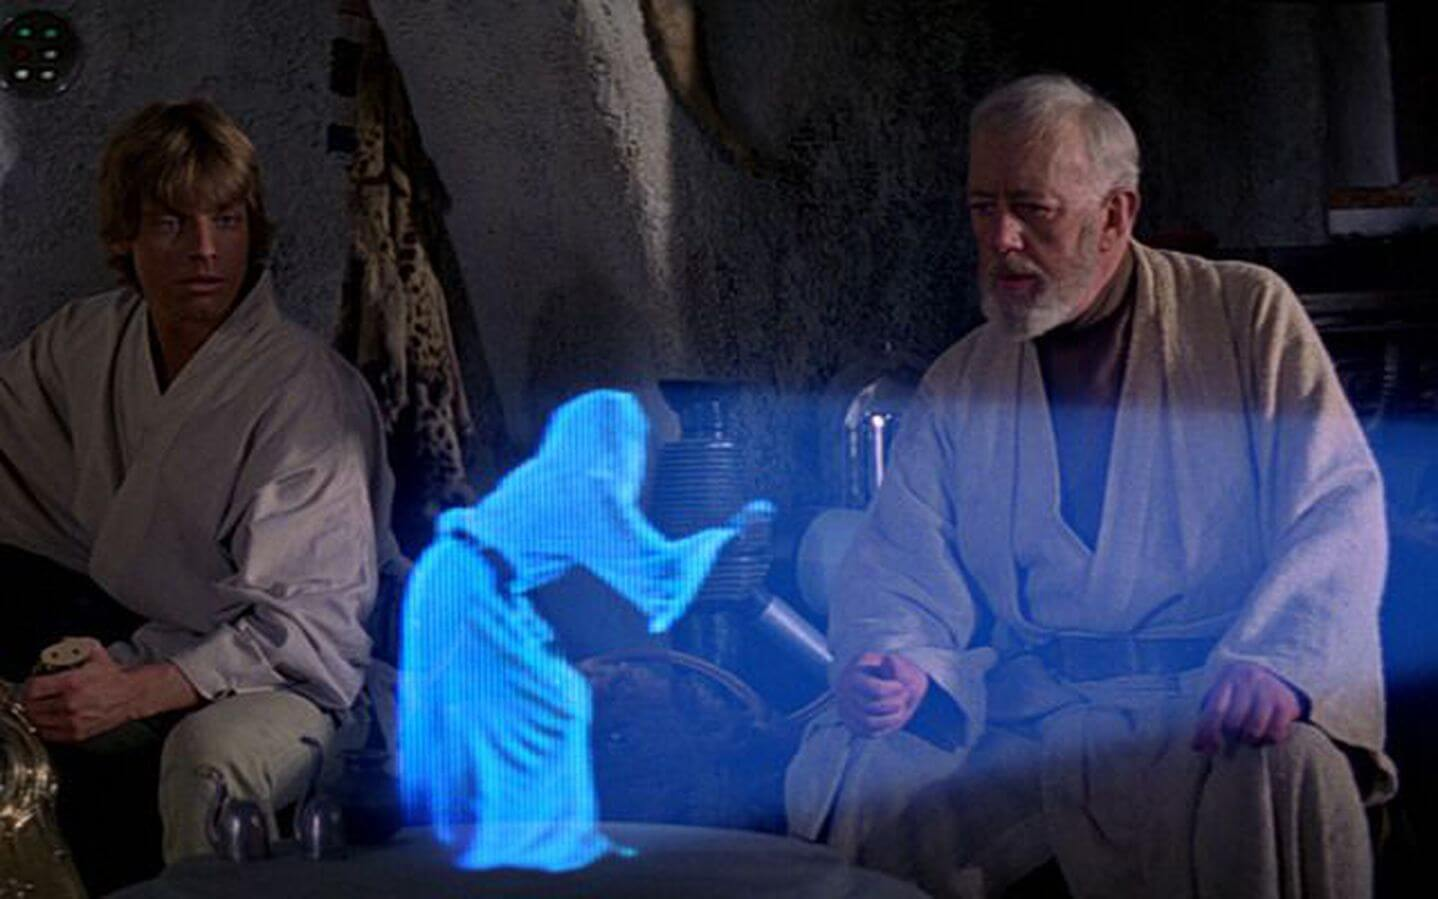 Disney работает сразу над несколькими телесериалами по мотивам Star Wars